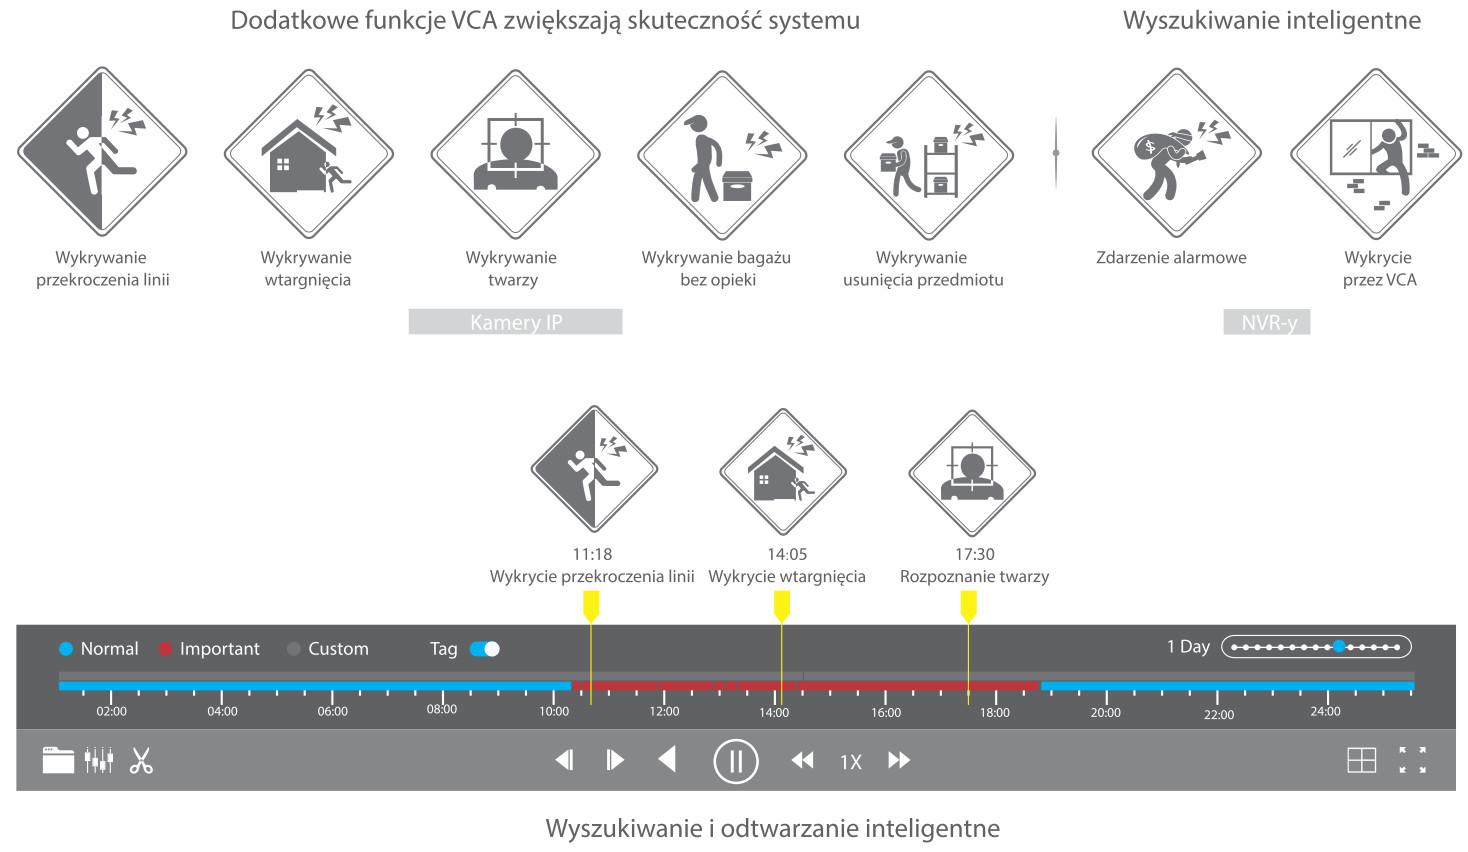 Funkcje inteligentne w urządzeniach Hikvision EasyIP 4.0.